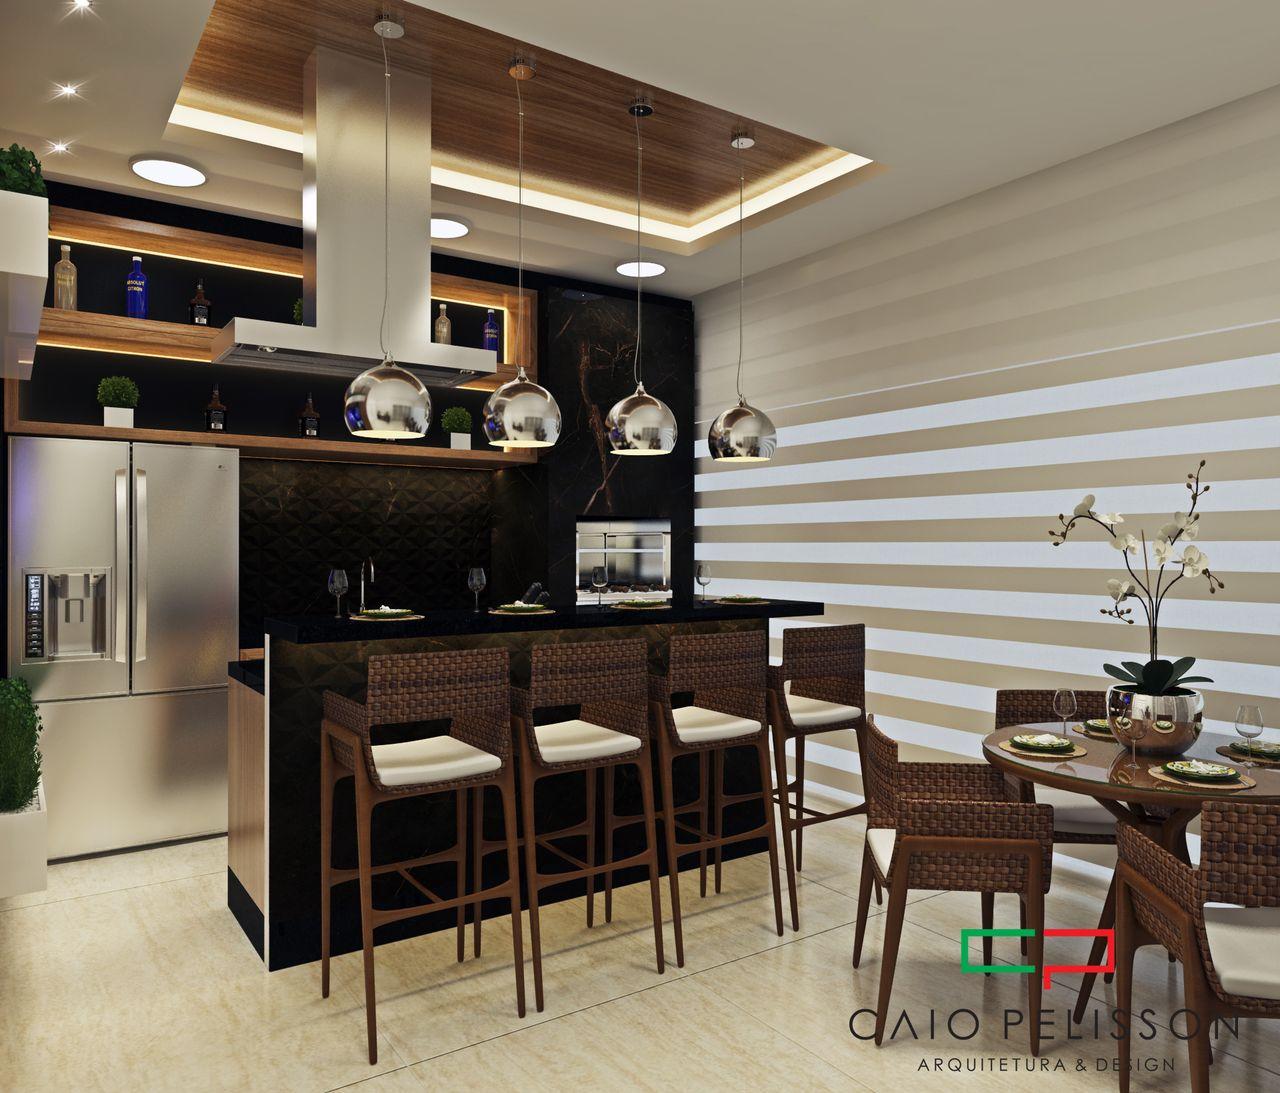 Banquetas altas cozinha americana banquetas para cozinha for Banquetas altas modernas